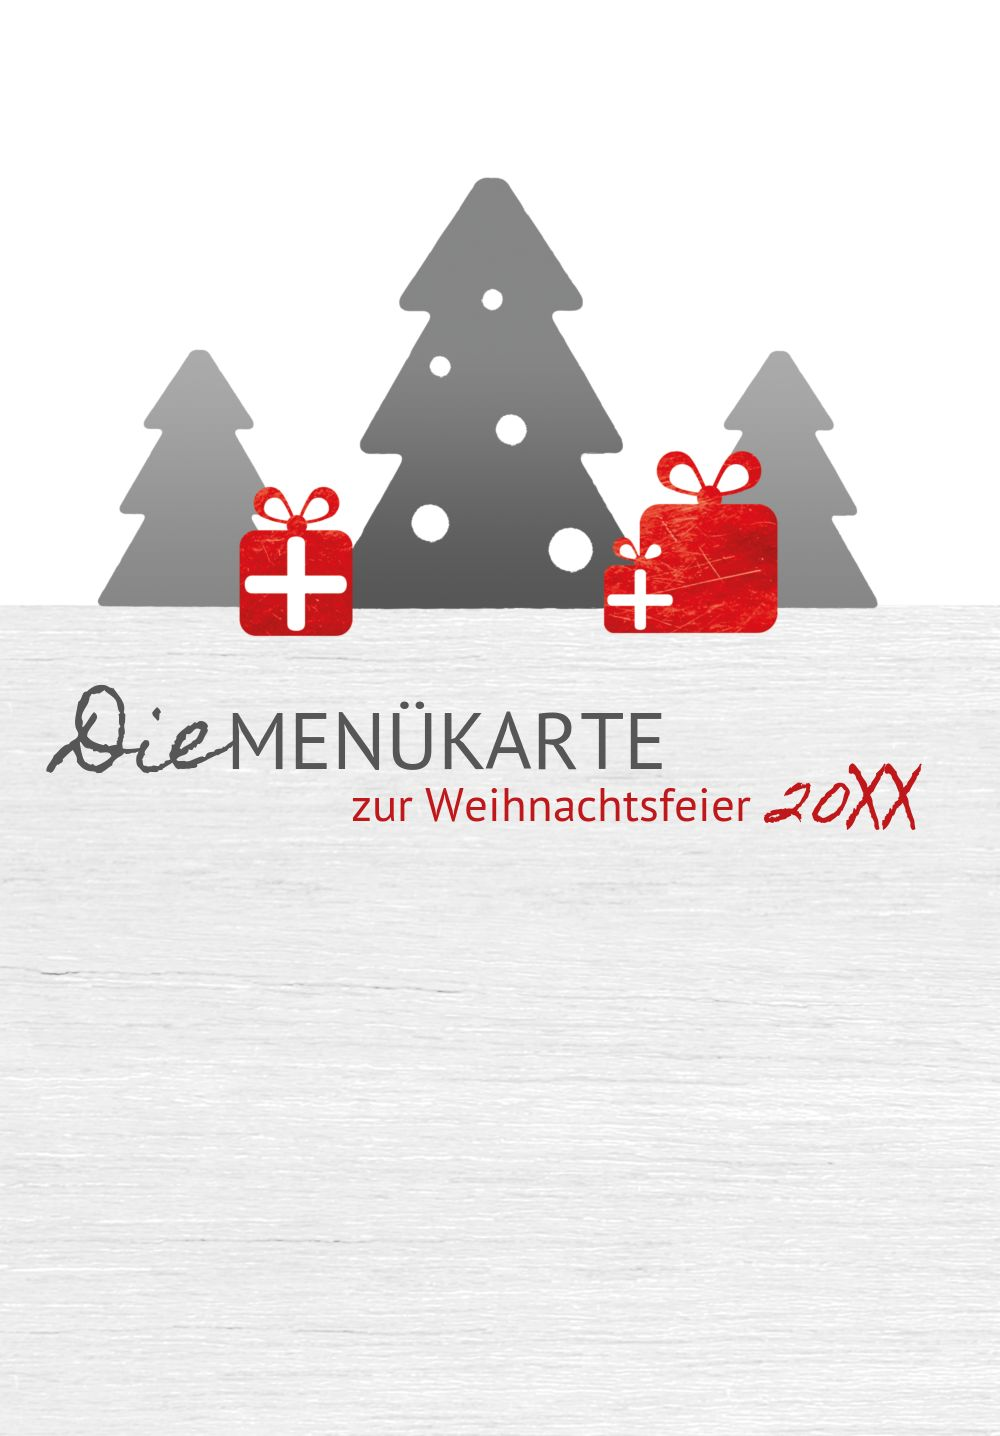 Ansicht 3 - Weihnachtsmenükarte Geschenkebaum